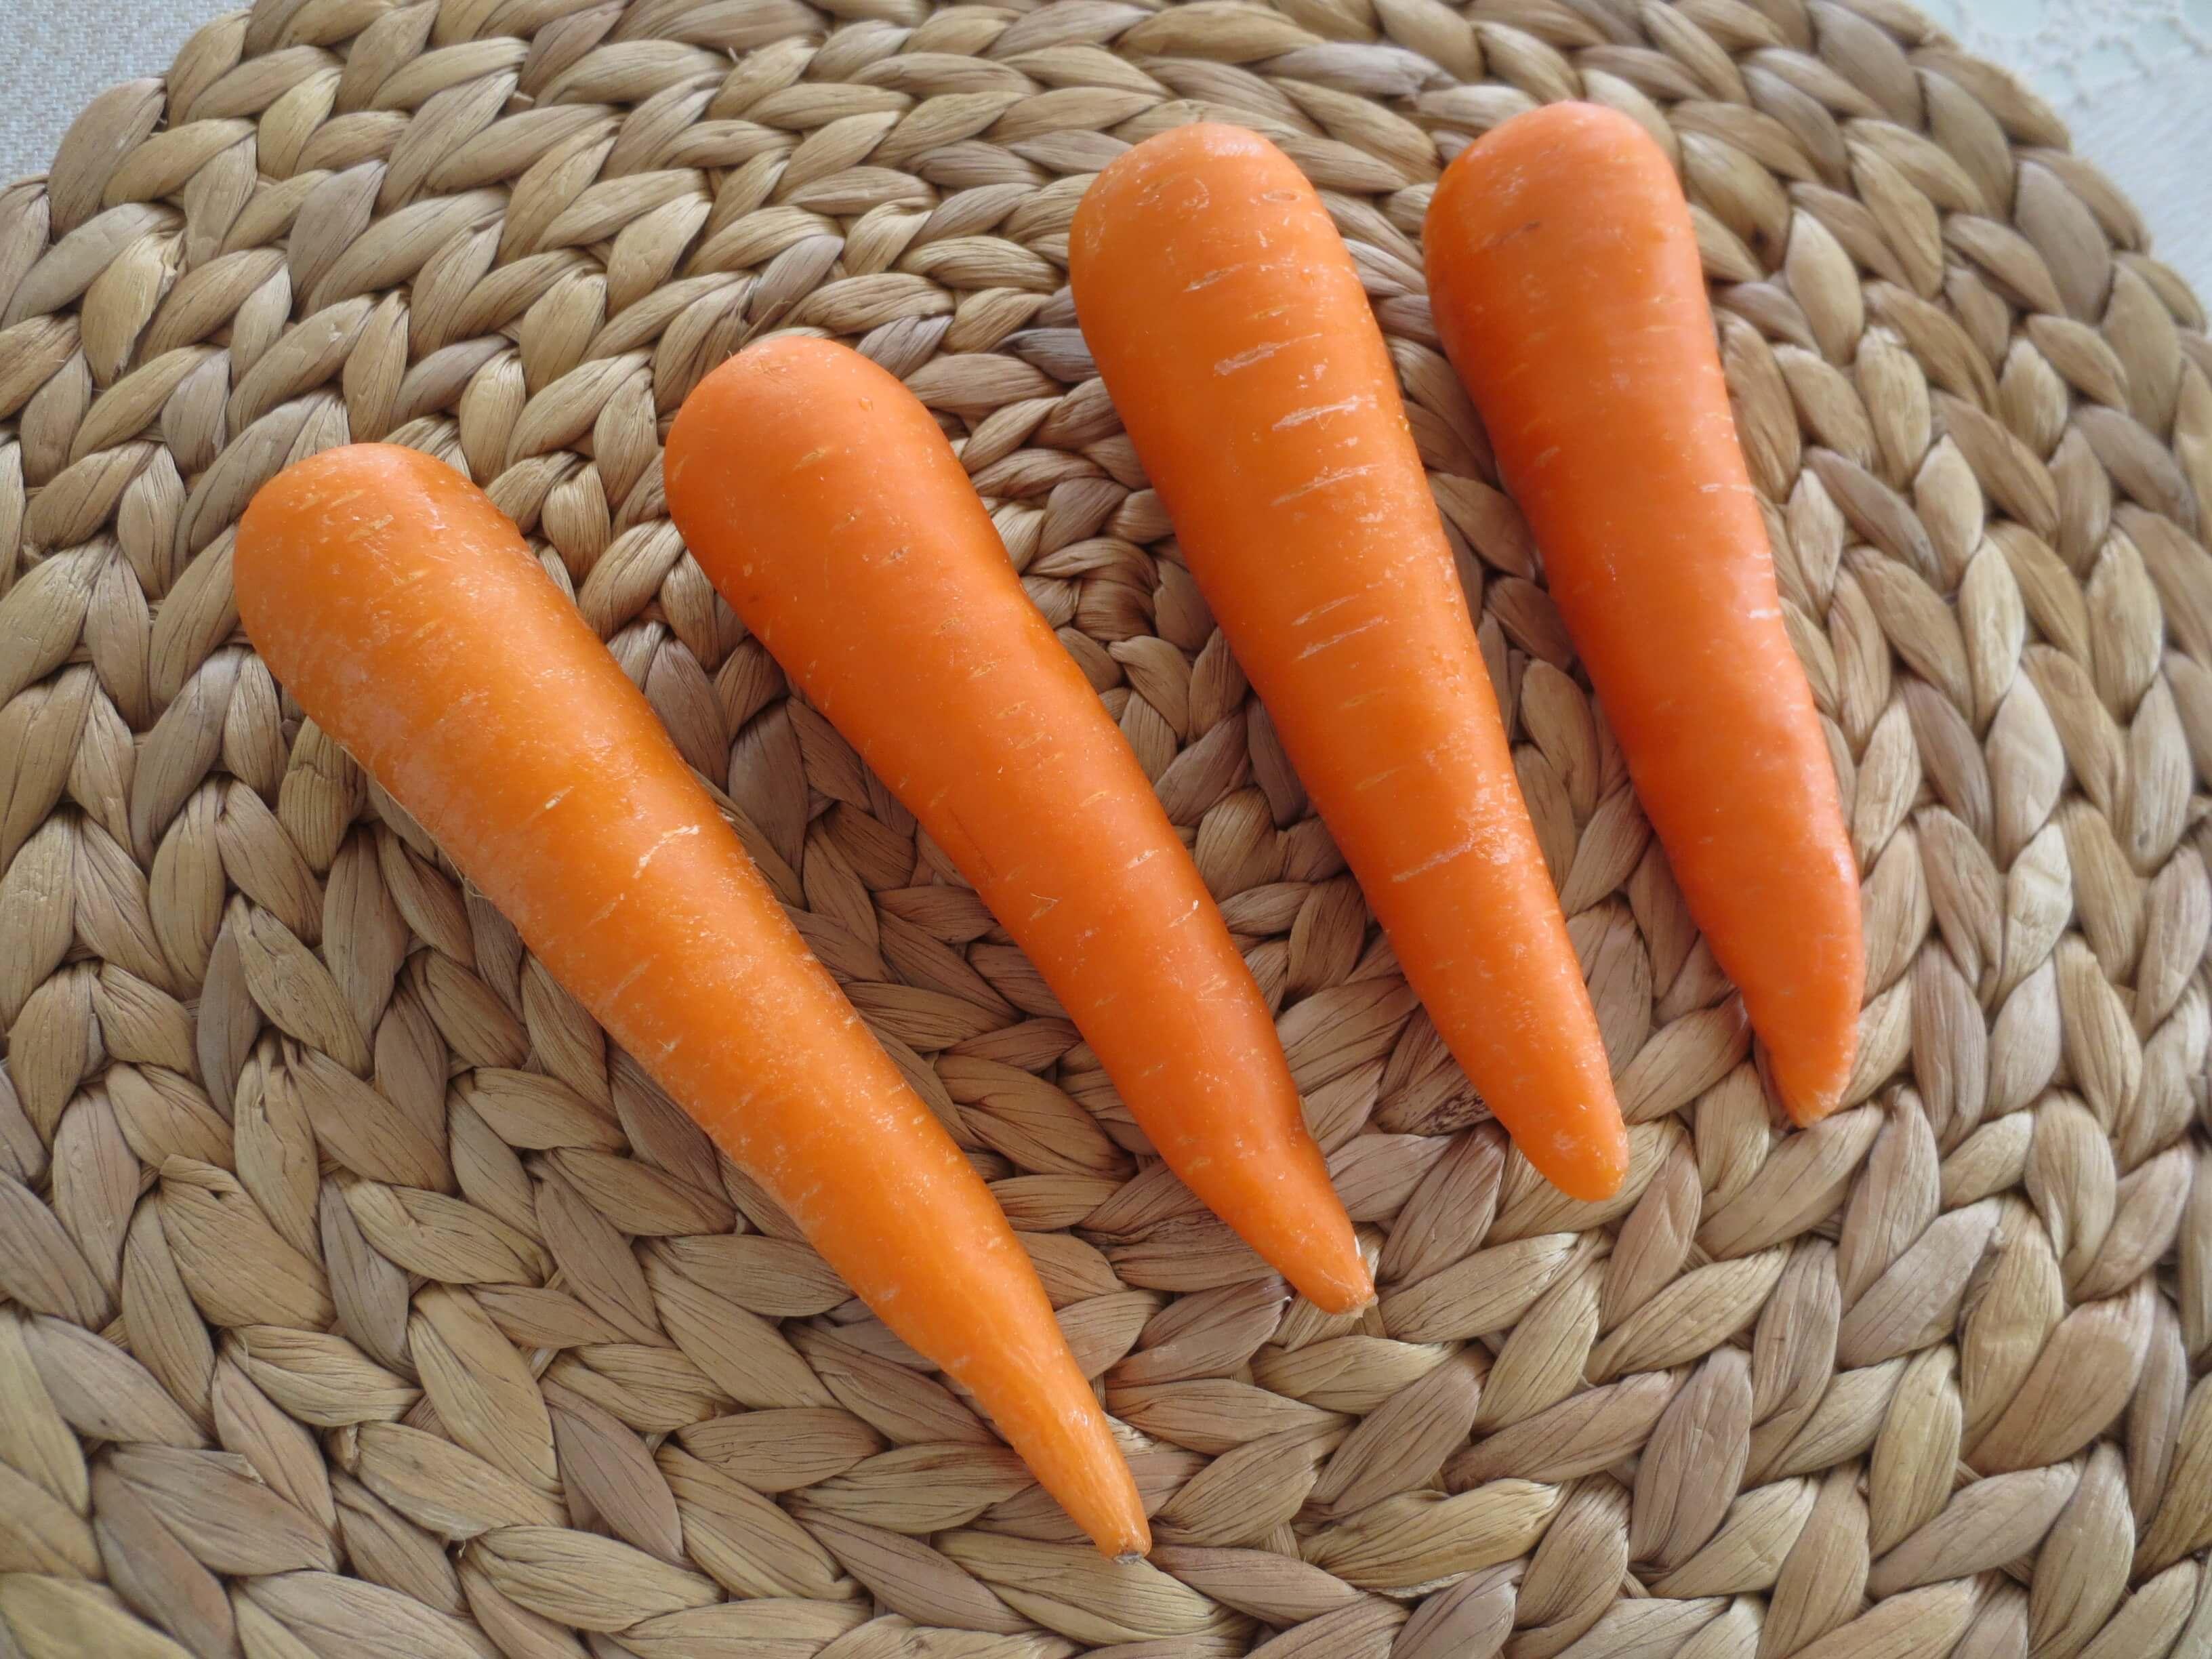 良質な有機野菜の見分け方7